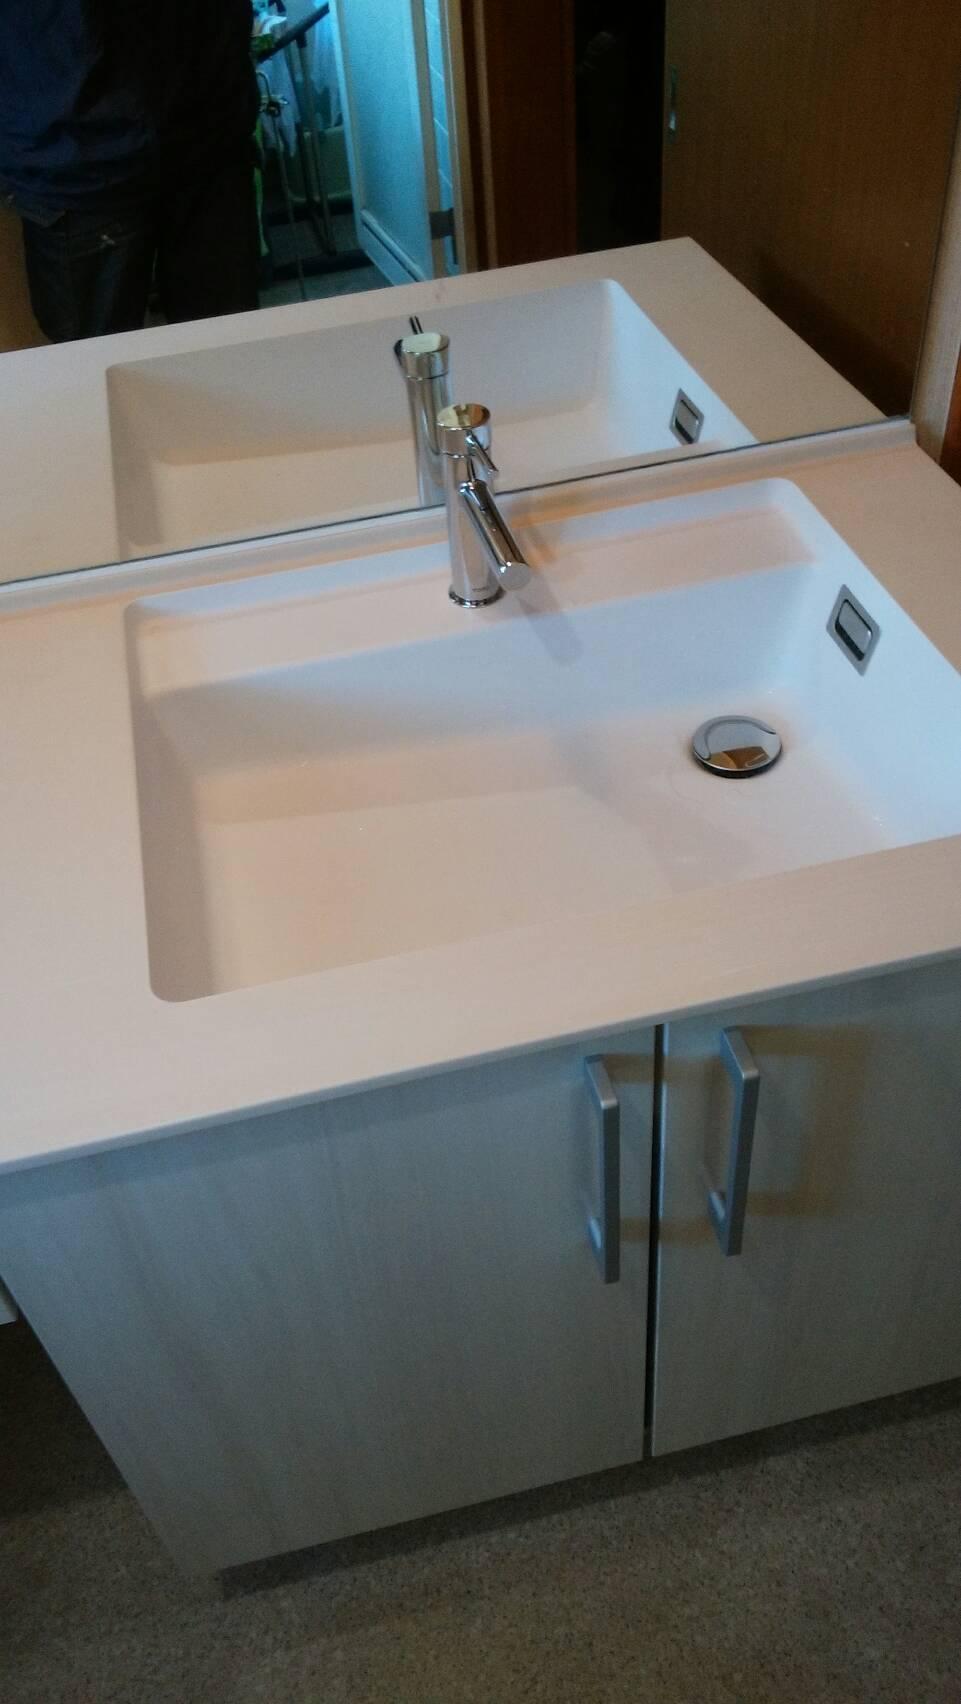 前橋市朝日町にて洗面台交換工事の完了検査にいきました – ミヤケンリフォーム